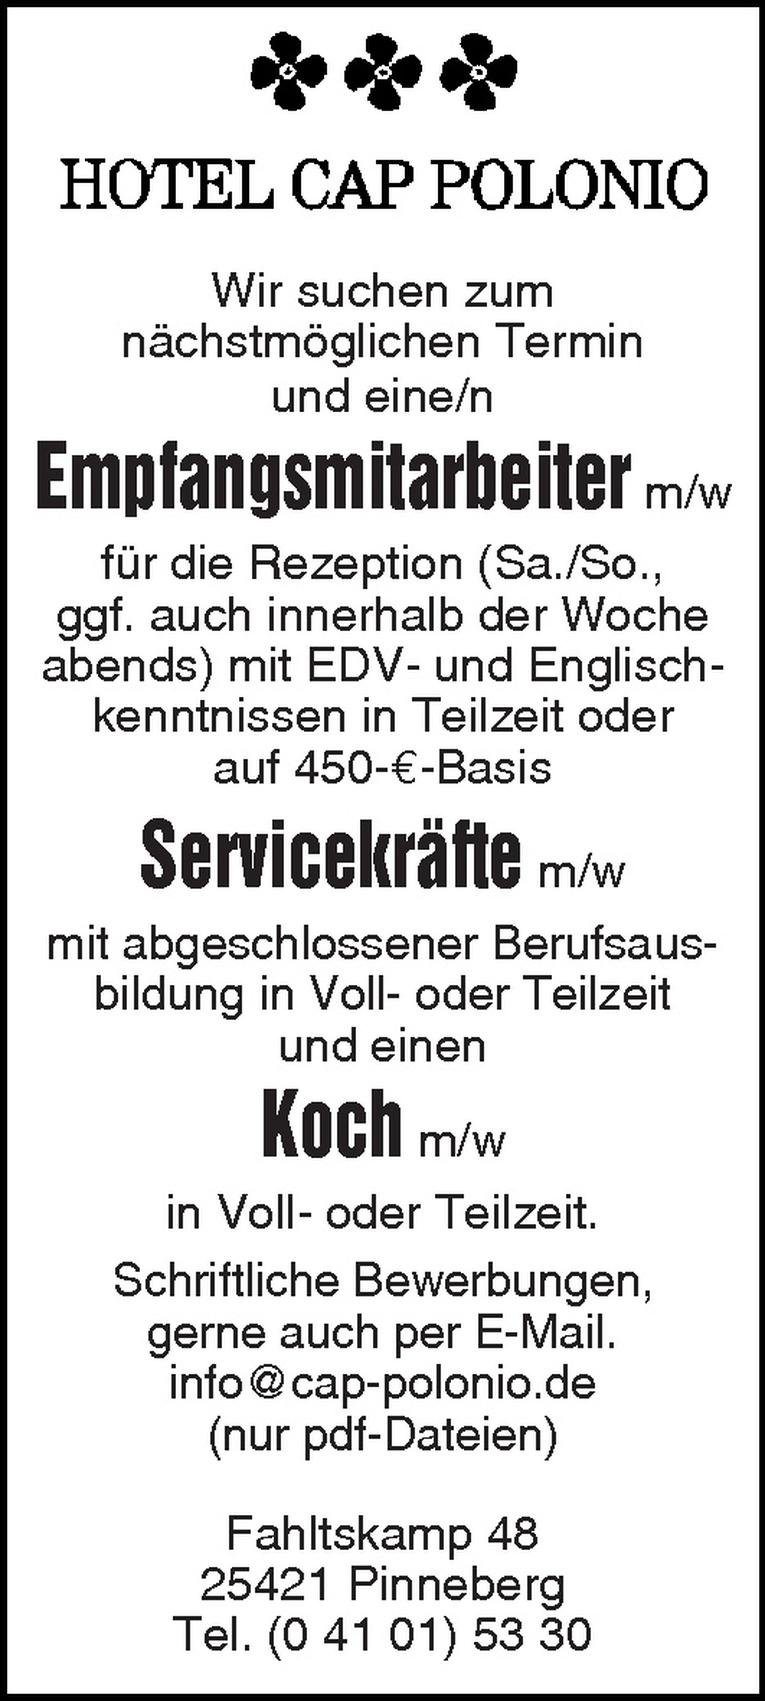 Servicekräfte m/w